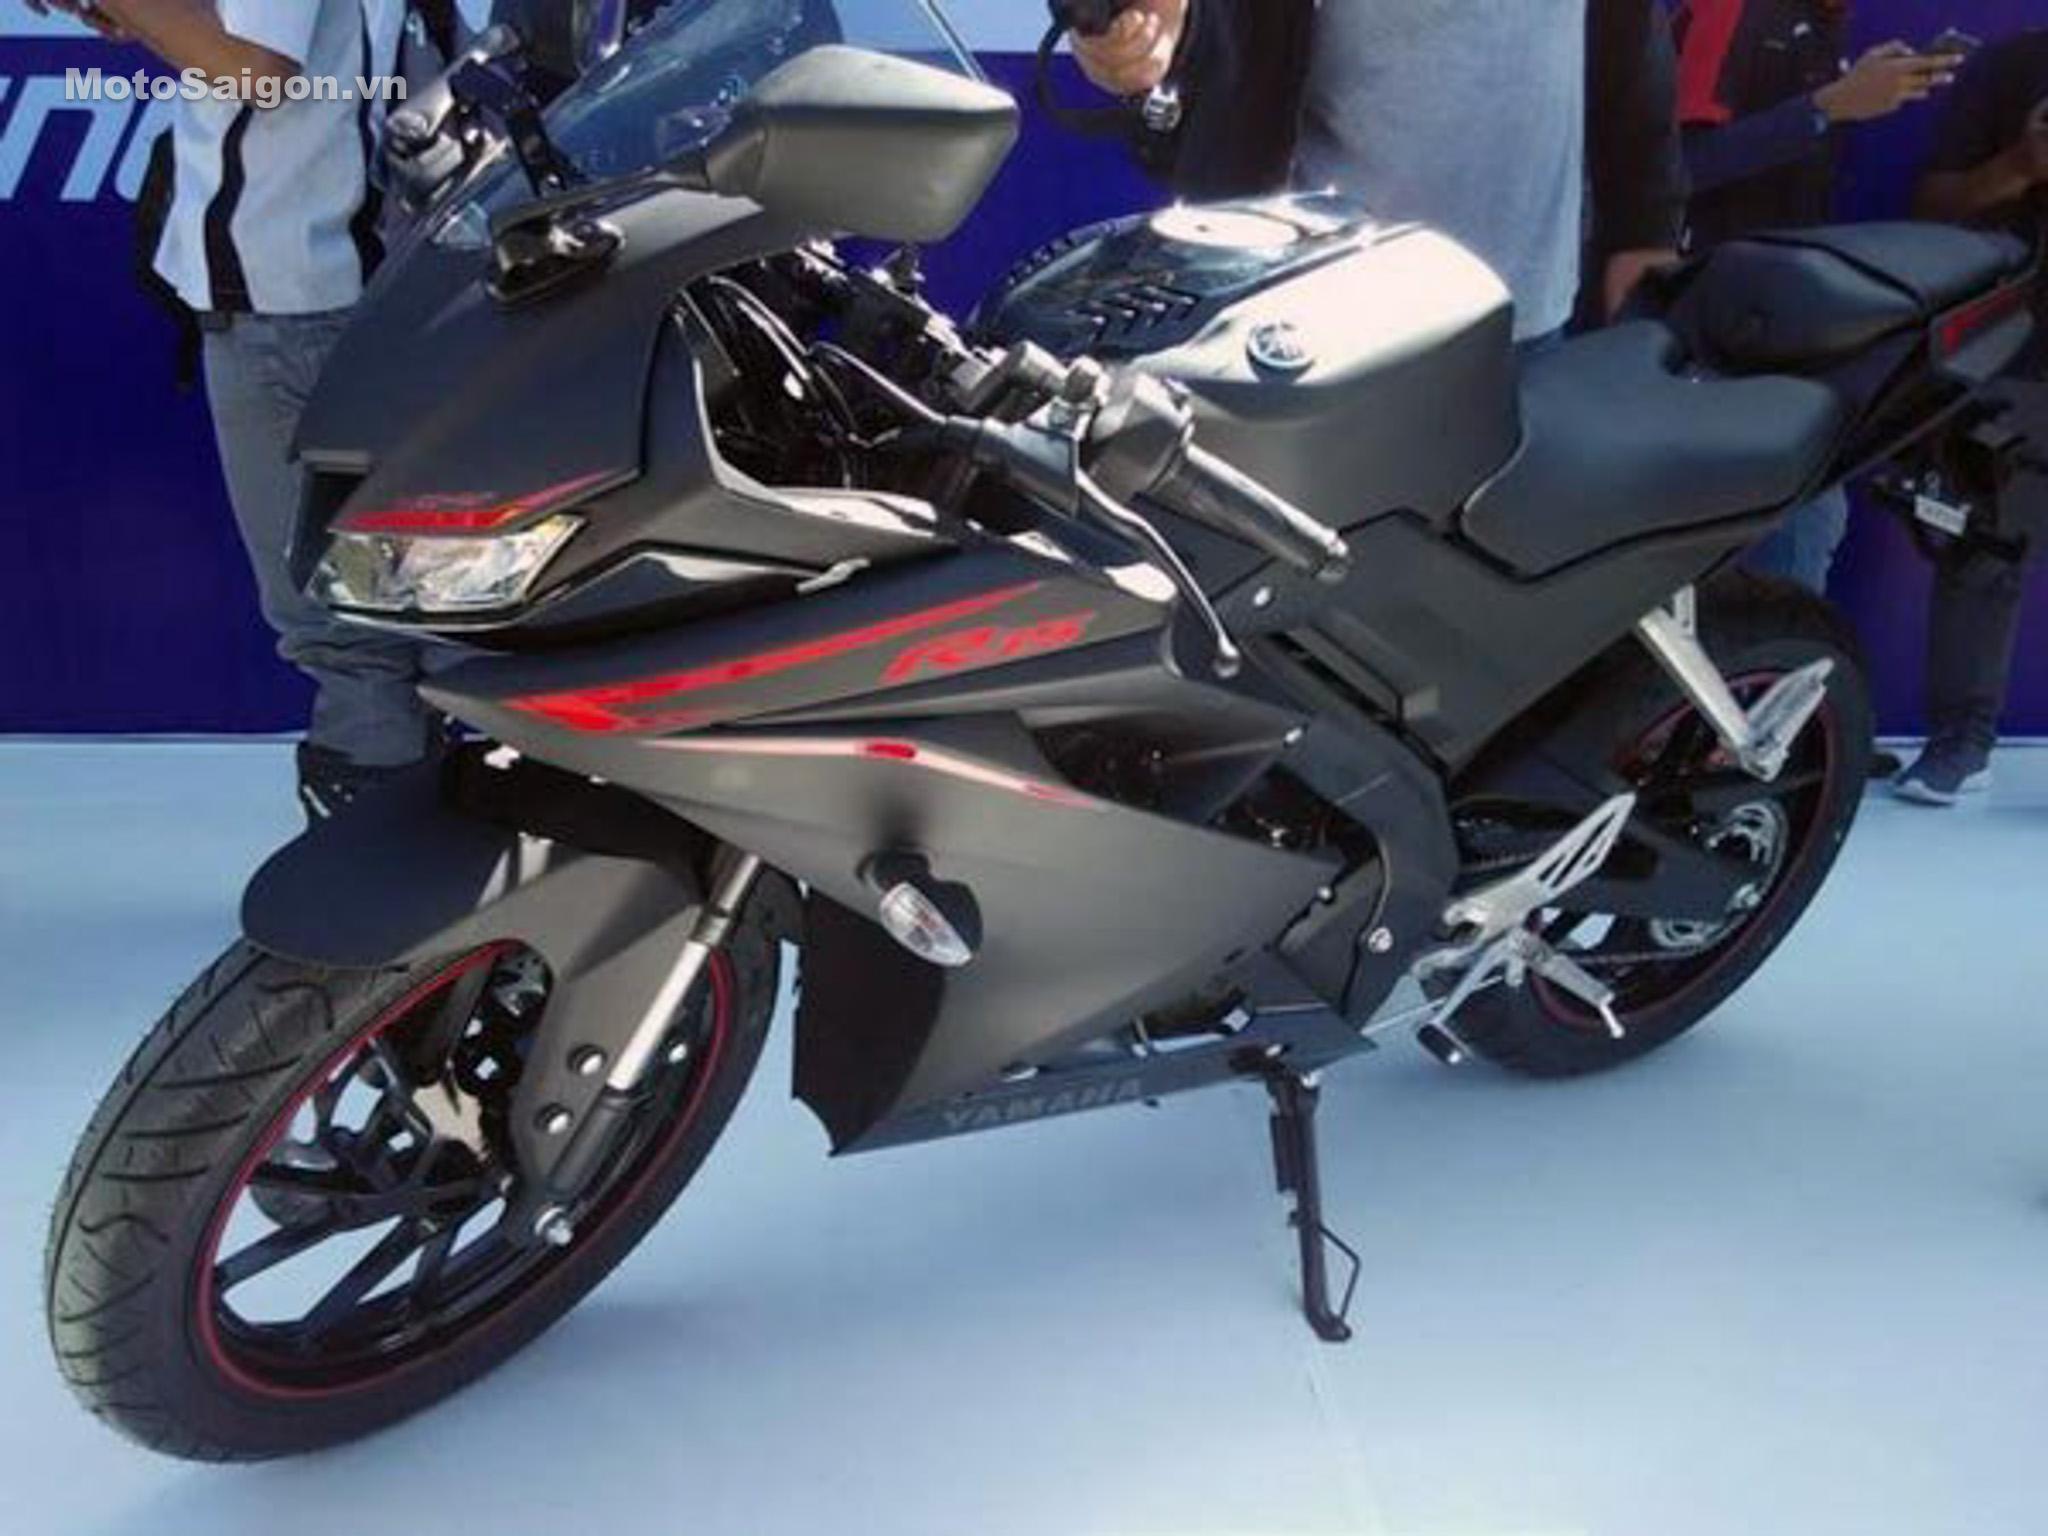 danh-gia-xe-yamaha-r15-v3-2017-hinh-anh-motosaigon-11